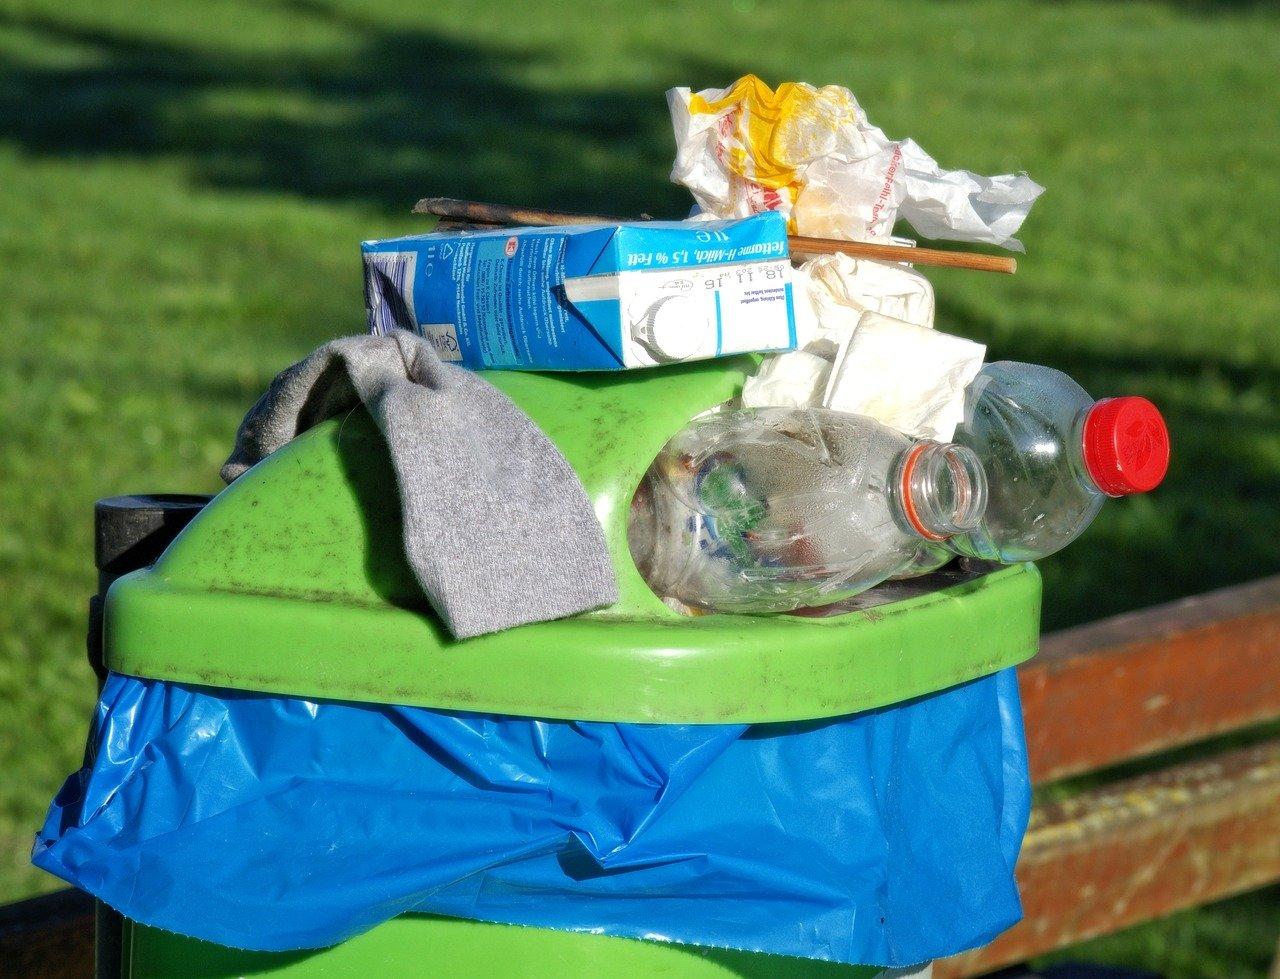 kosz na śmieci wyspa kobiet